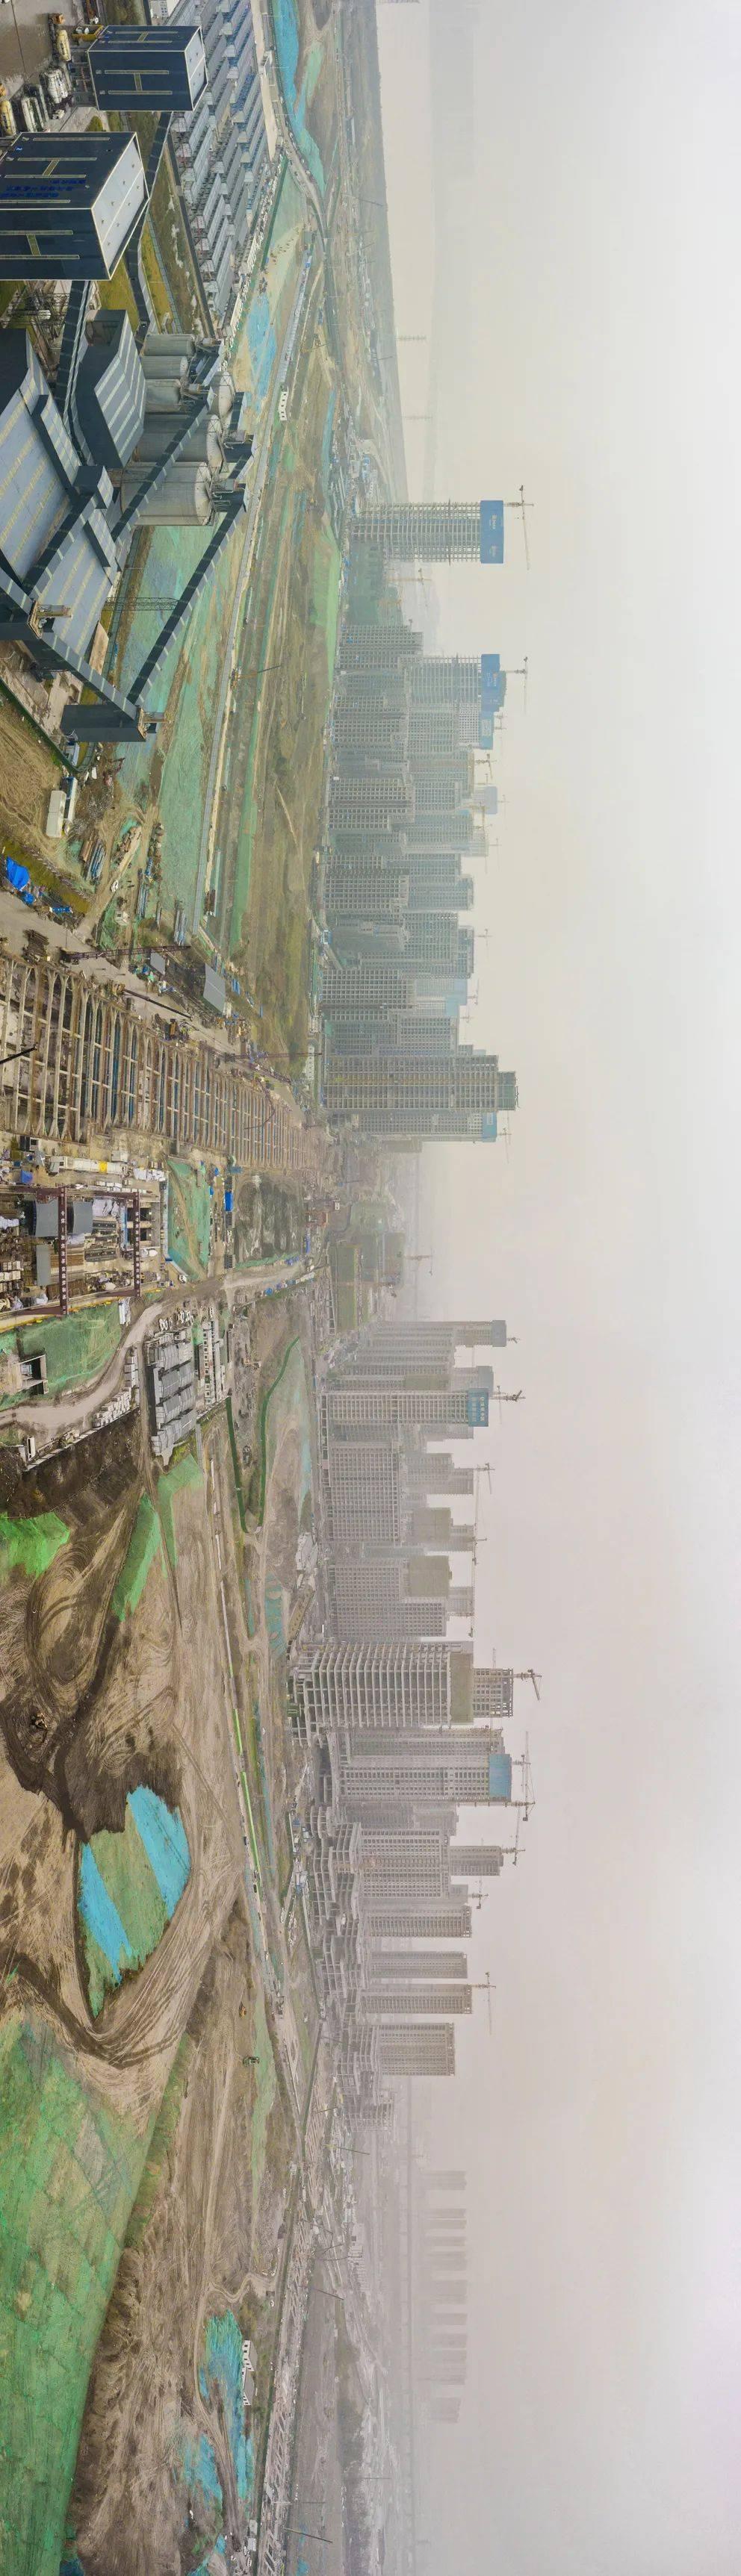 江河汇、亚运村、杭州西站......航拍镜头下,崛起中的杭州城市地标